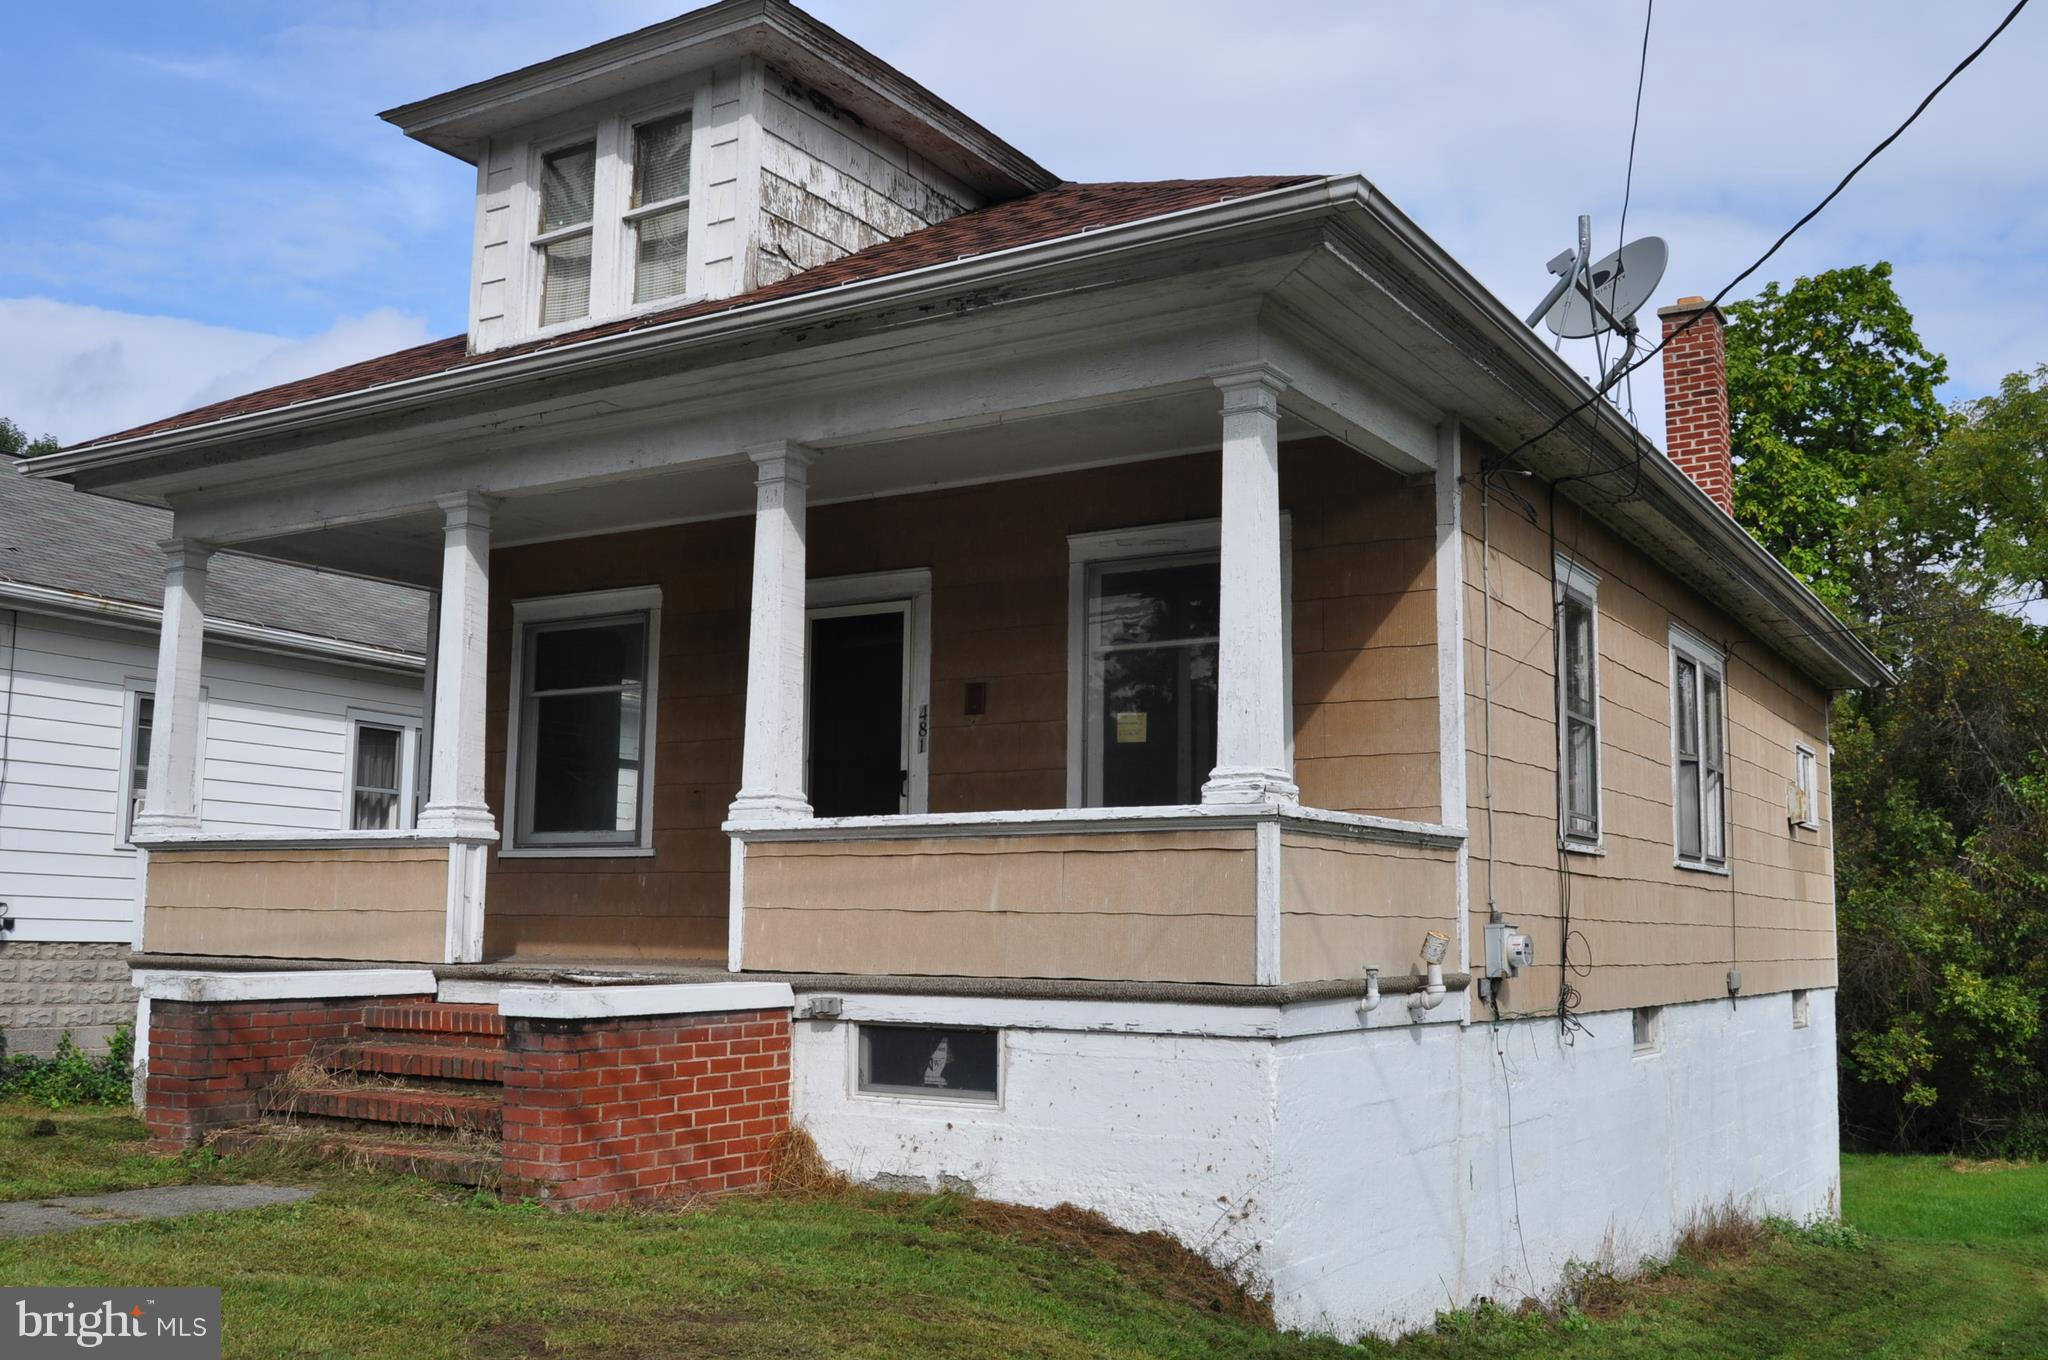 481 W MAIN STREET, ELIZABETHVILLE, PA 17023